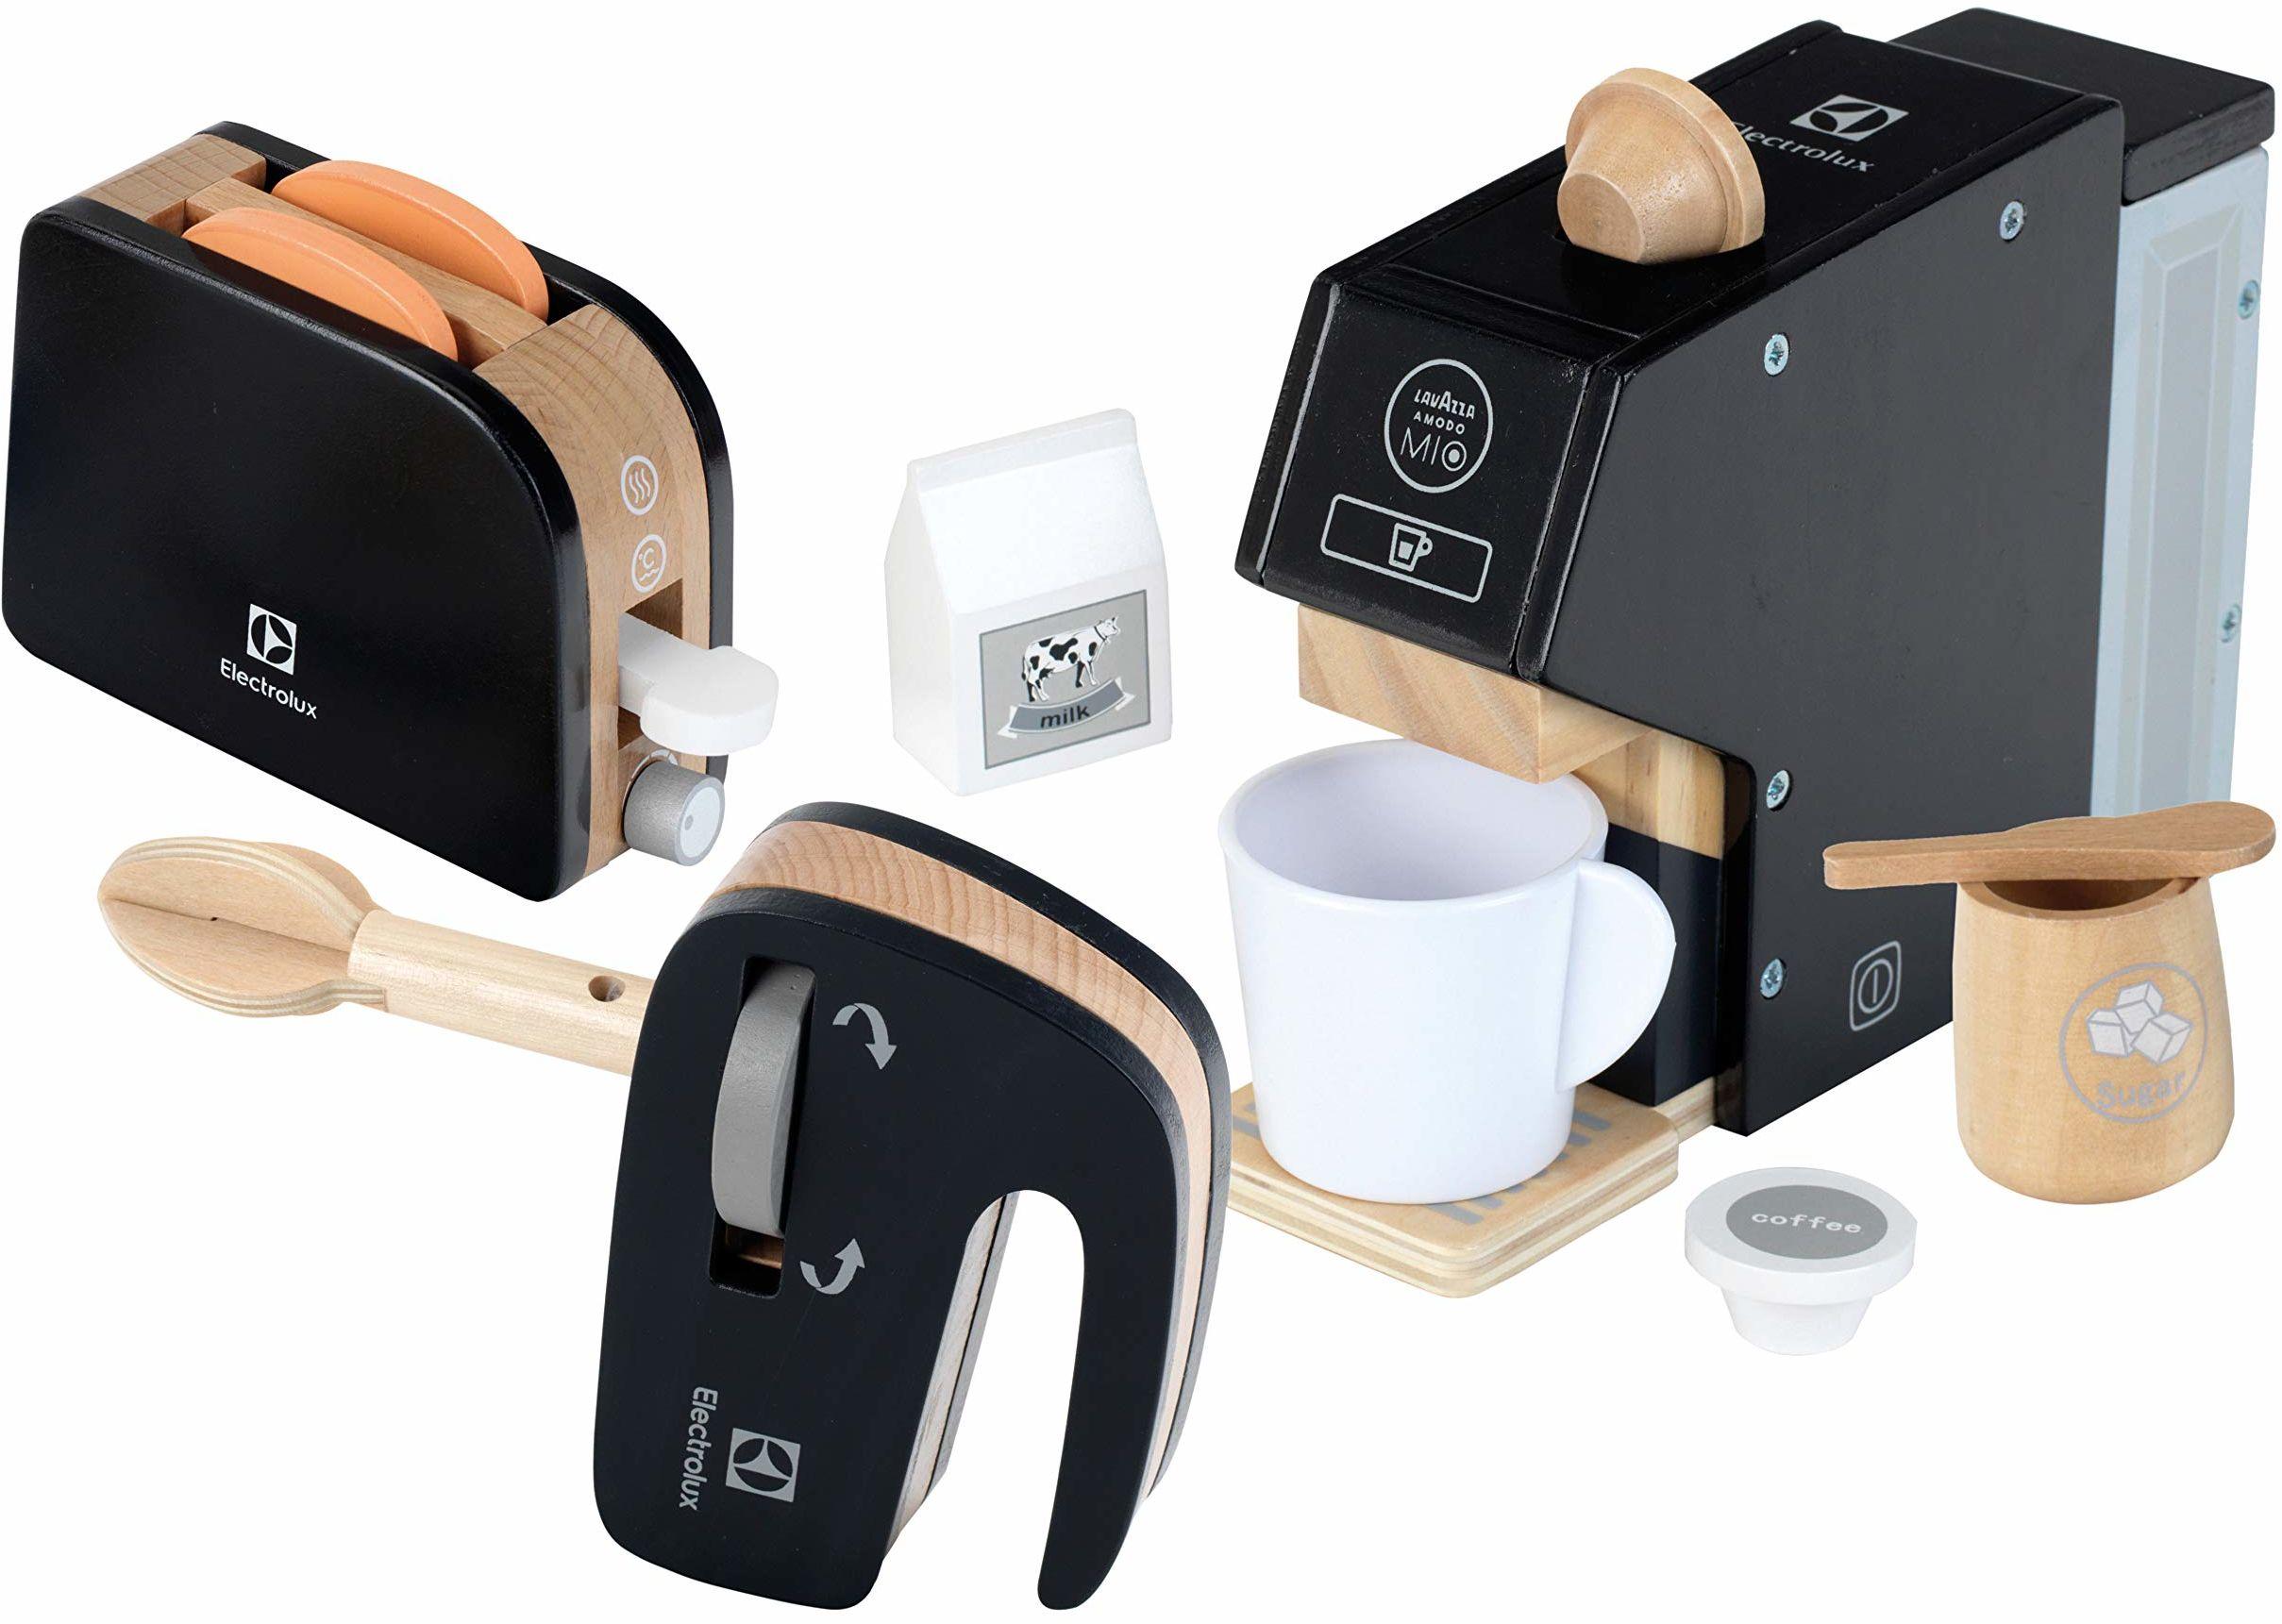 Theo Klein 7404 Electrolux, drewno I wysokiej jakości zestaw składający się z ekspresu do kawy, blendera i tostera I akcesoriów do kuchni zabaw zabawka dla dzieci od 3 lat